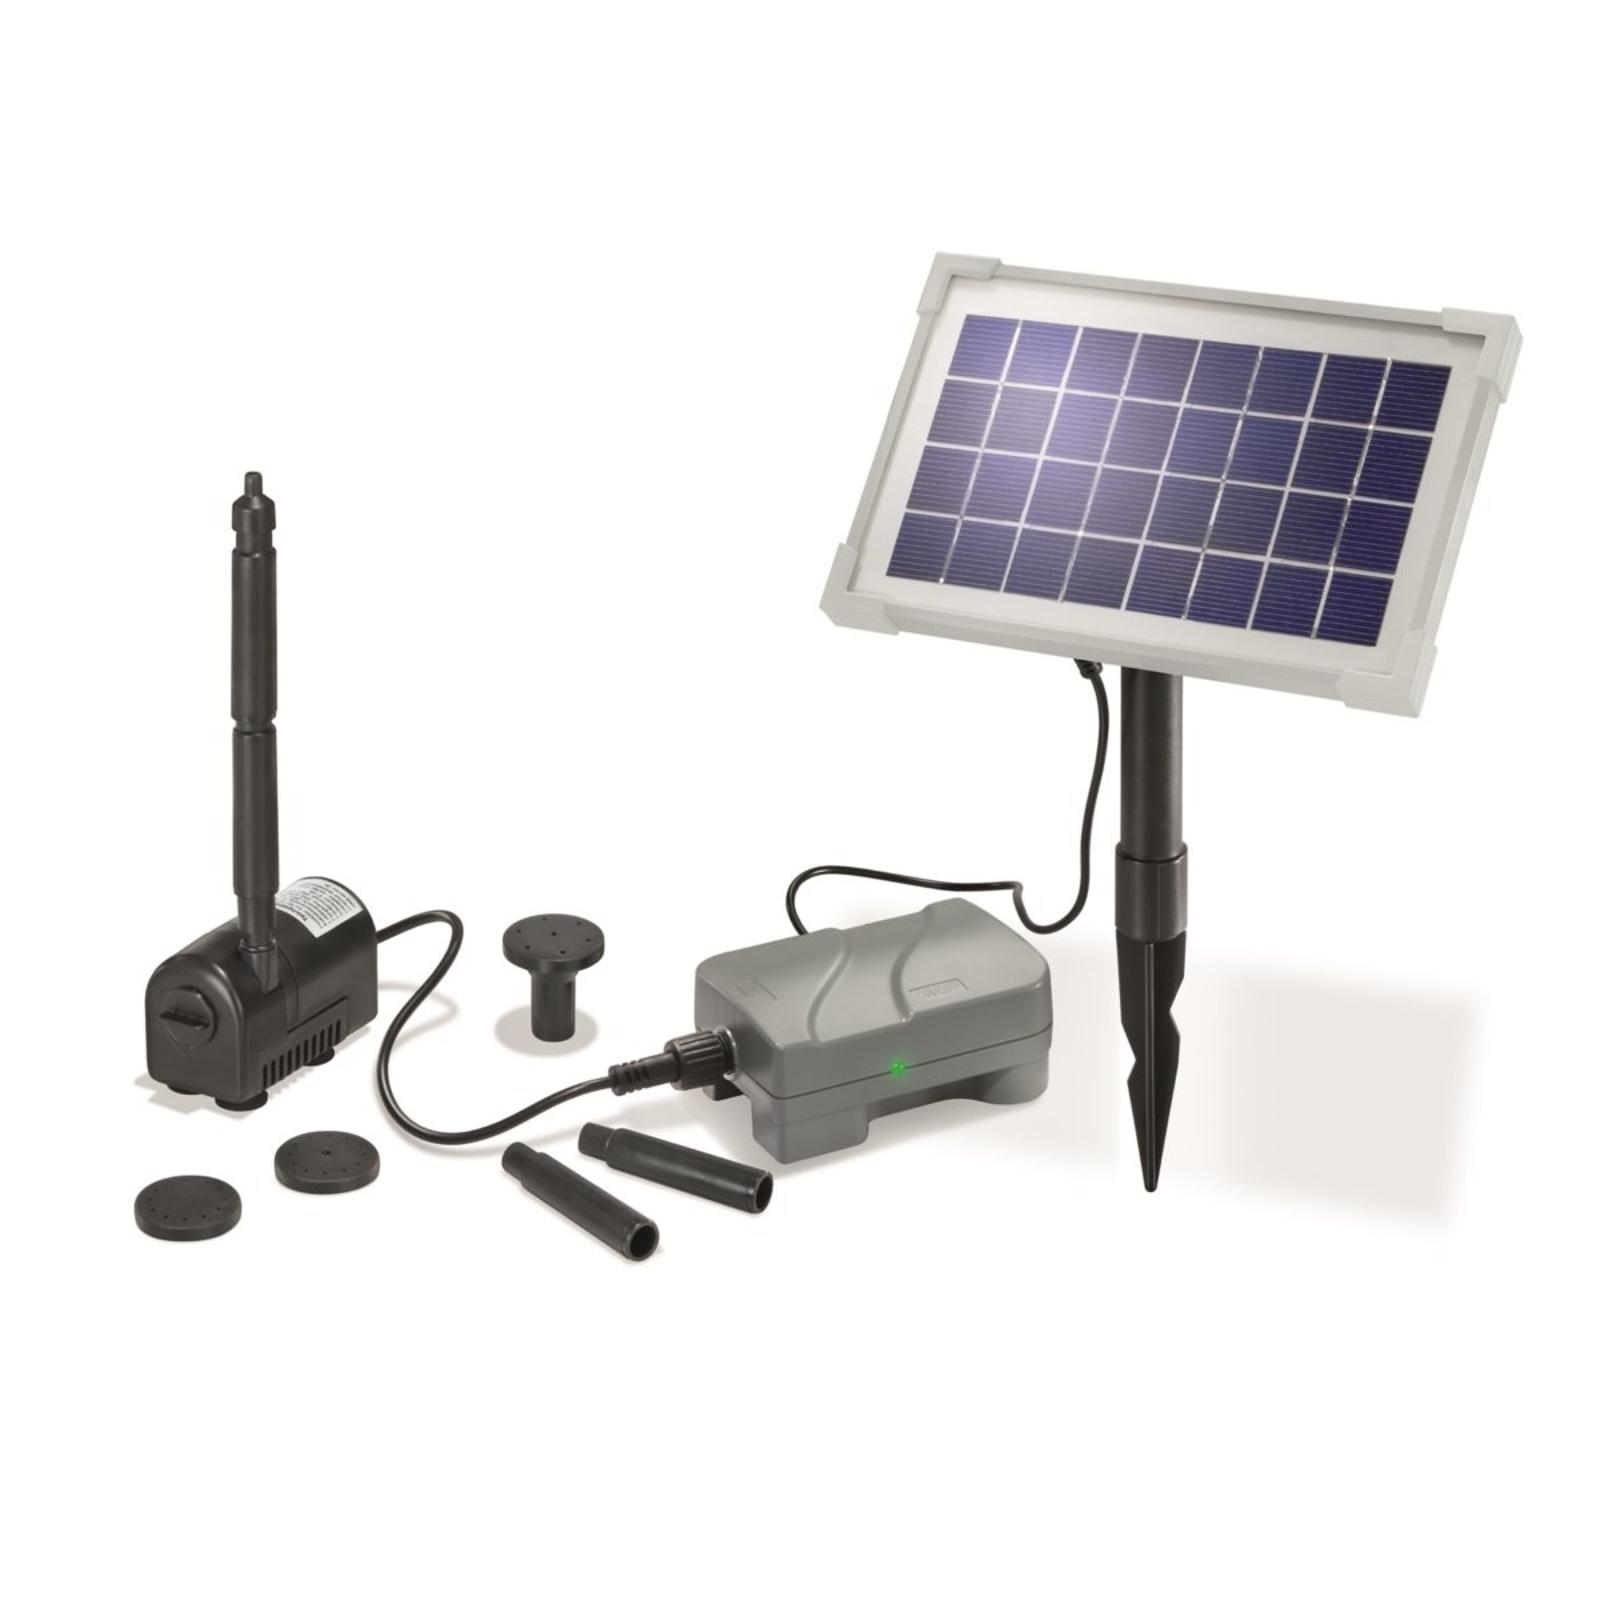 Système de pompe solaire Rimini Plus avec batterie